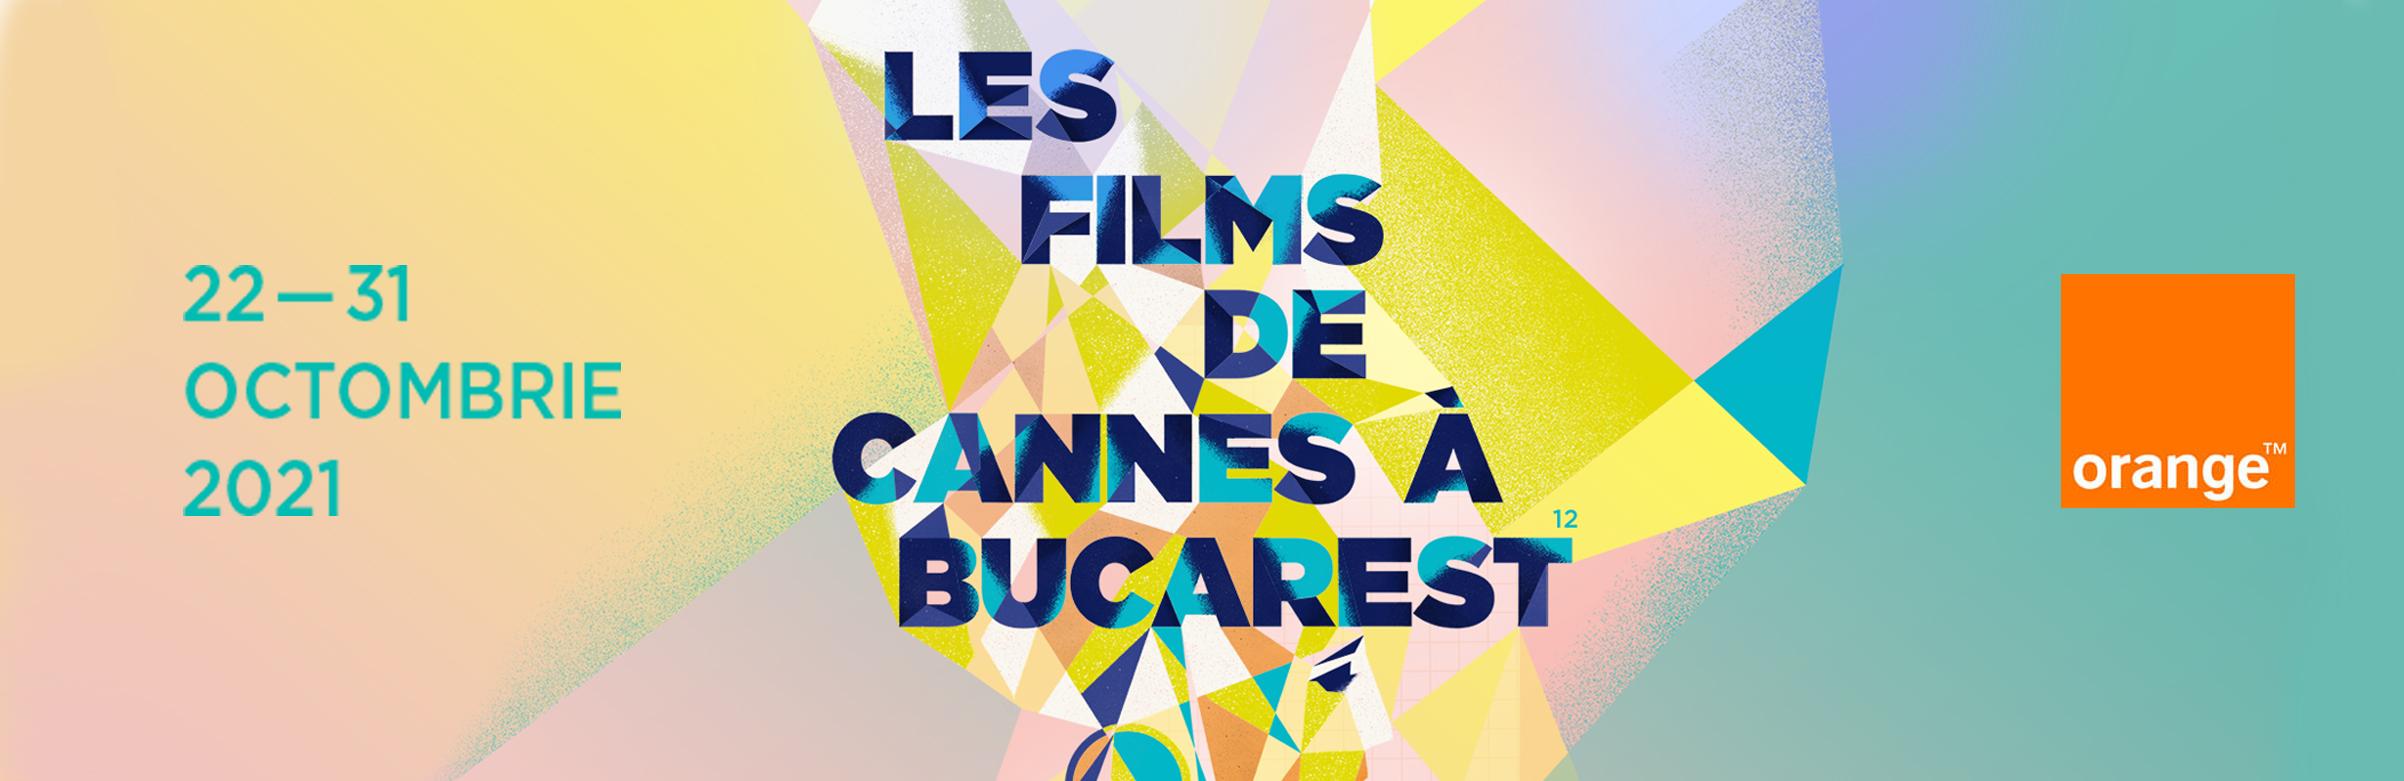 Les Films de Cannes a Bucarest 12